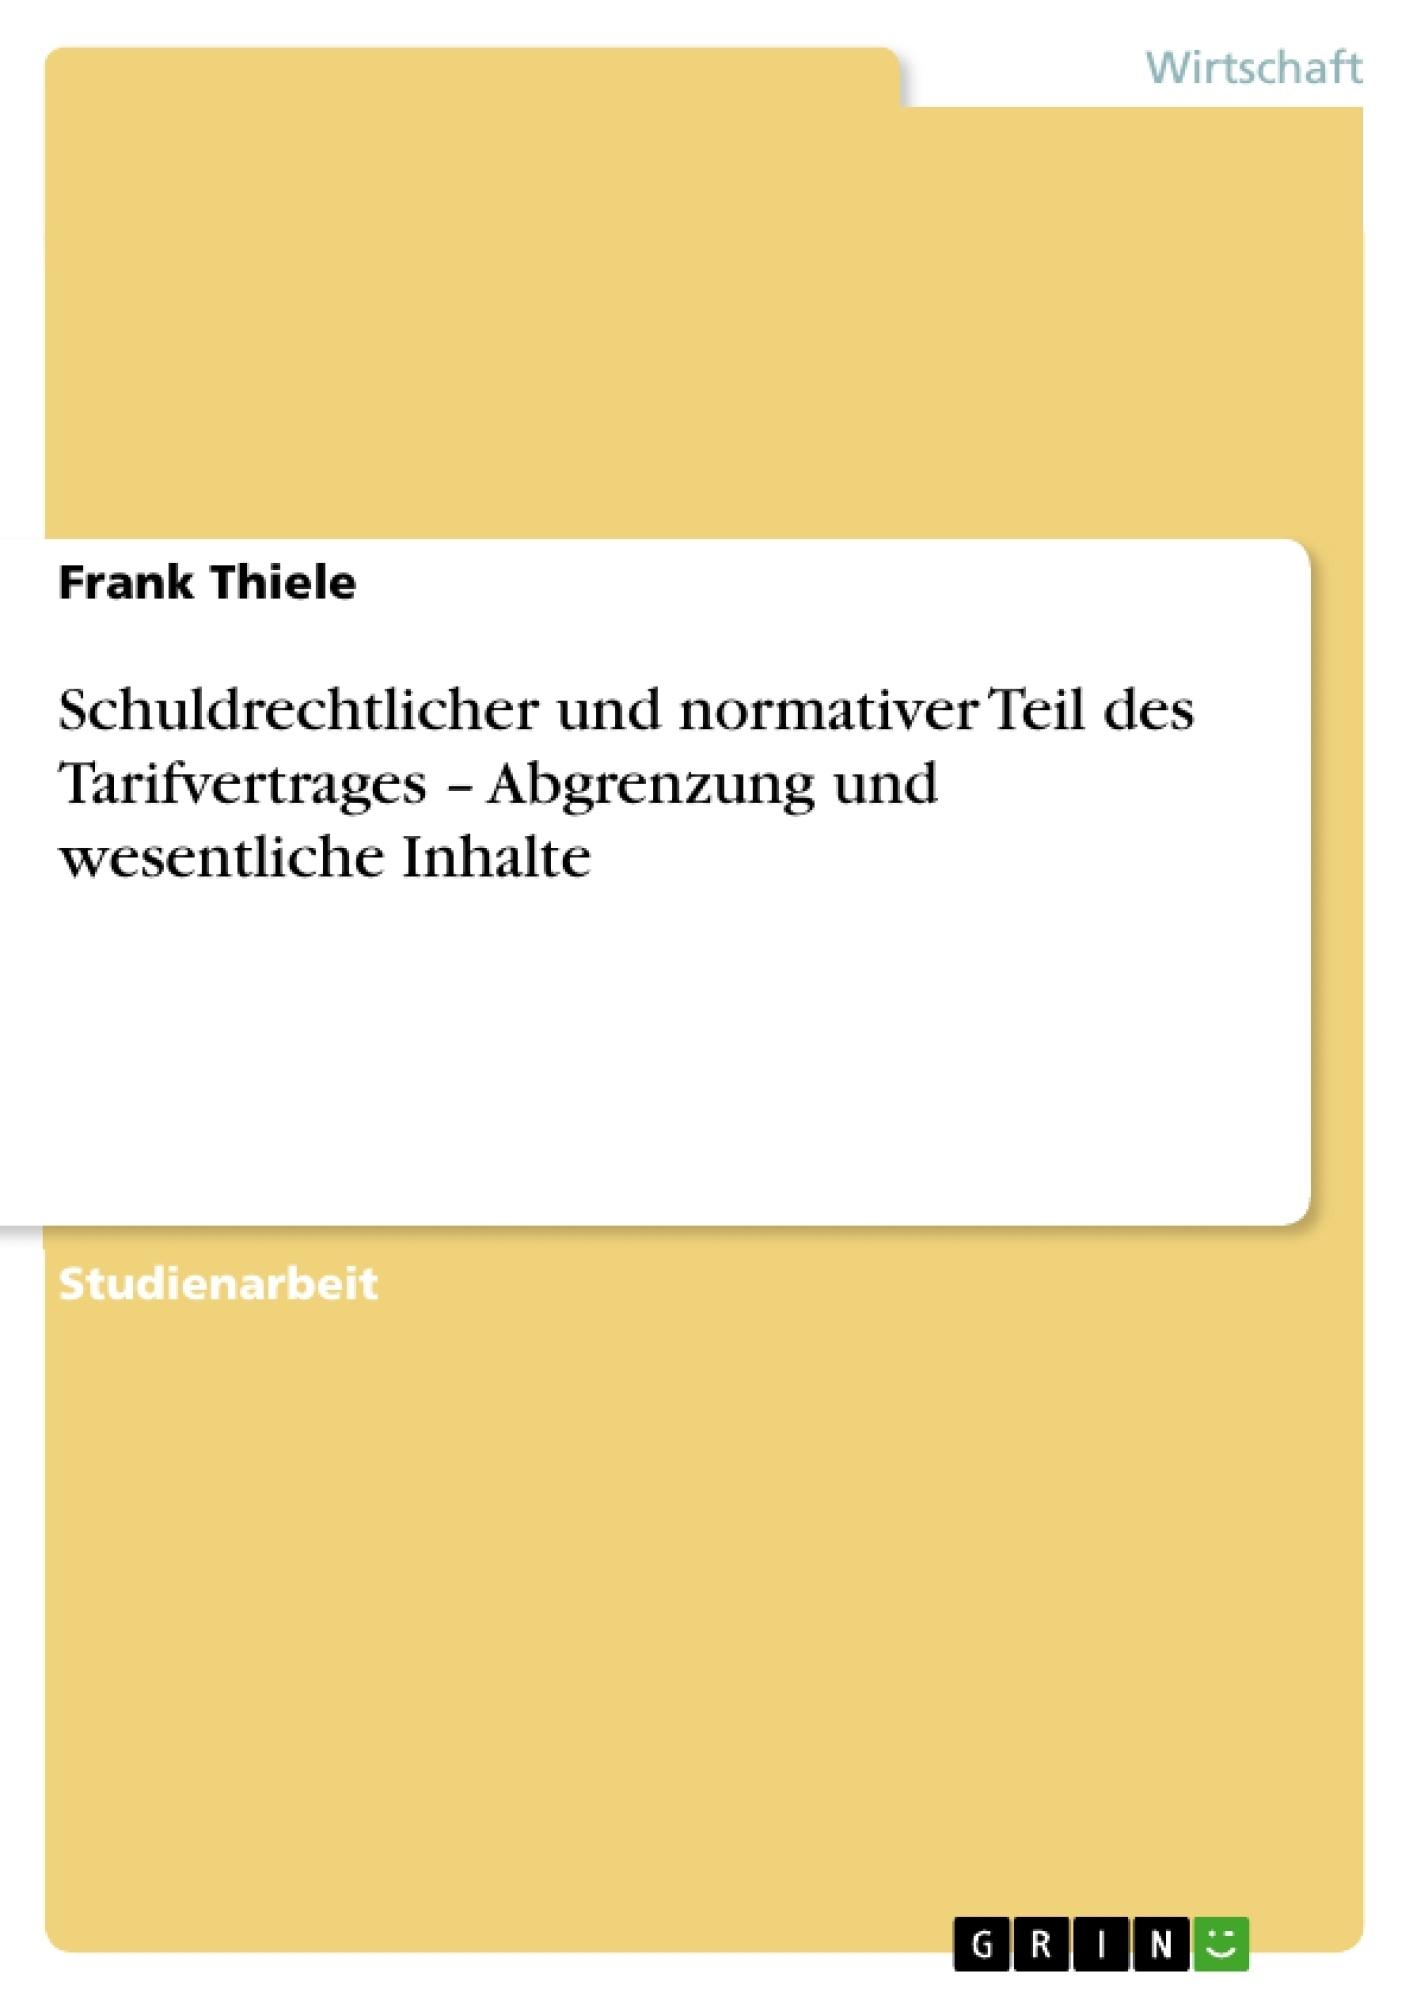 Titel: Schuldrechtlicher und normativer Teil des Tarifvertrages – Abgrenzung und wesentliche Inhalte